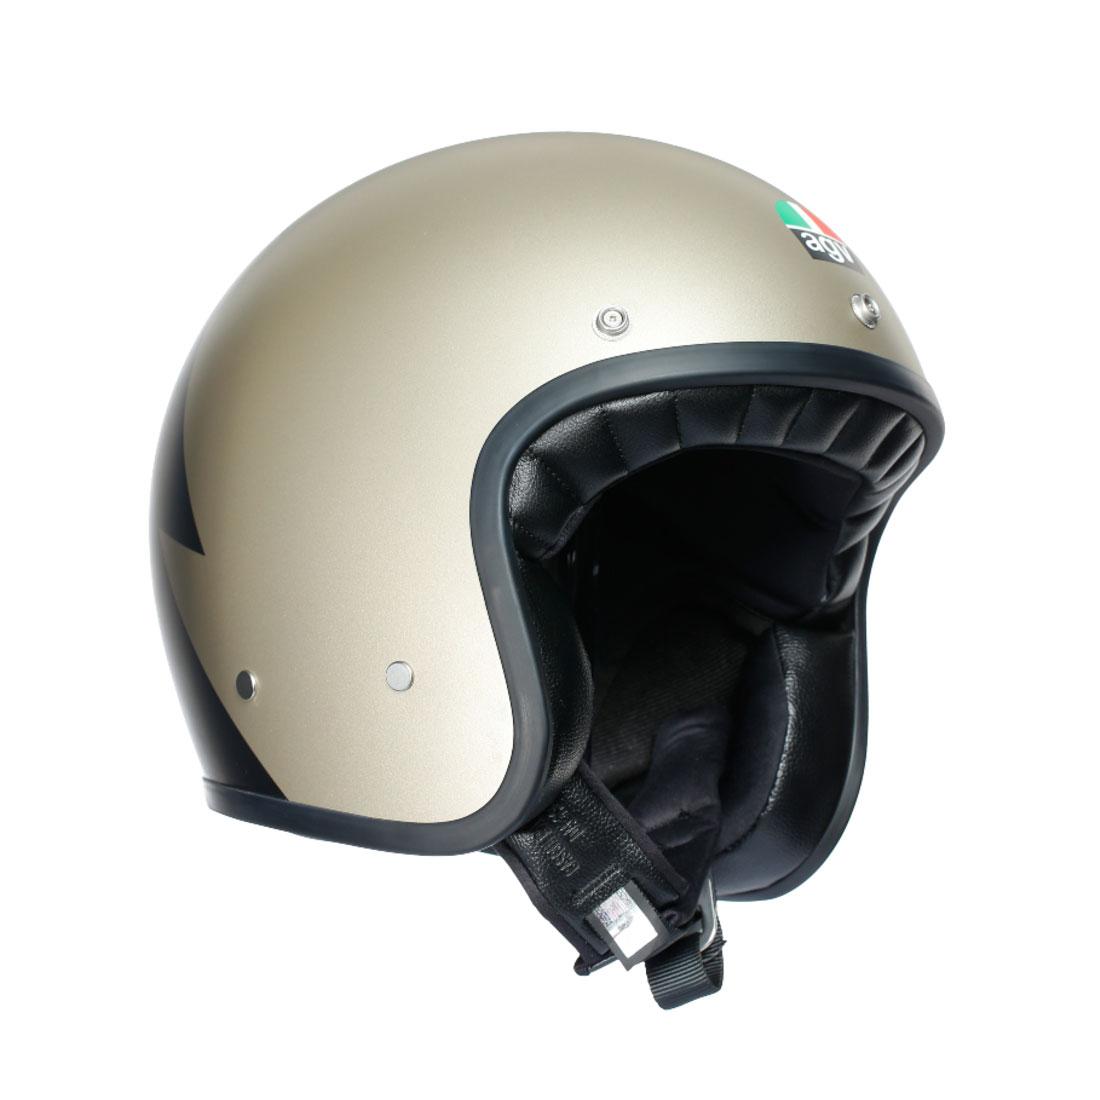 AGV(エージーブイ) バイク用ヘルメット ジェット LEGENDS X70 / VOLT CHAMPAGNE BLACK (ボルト シャンパン ブラック) XLサイズ (61-62cm) 002192I0010-XL